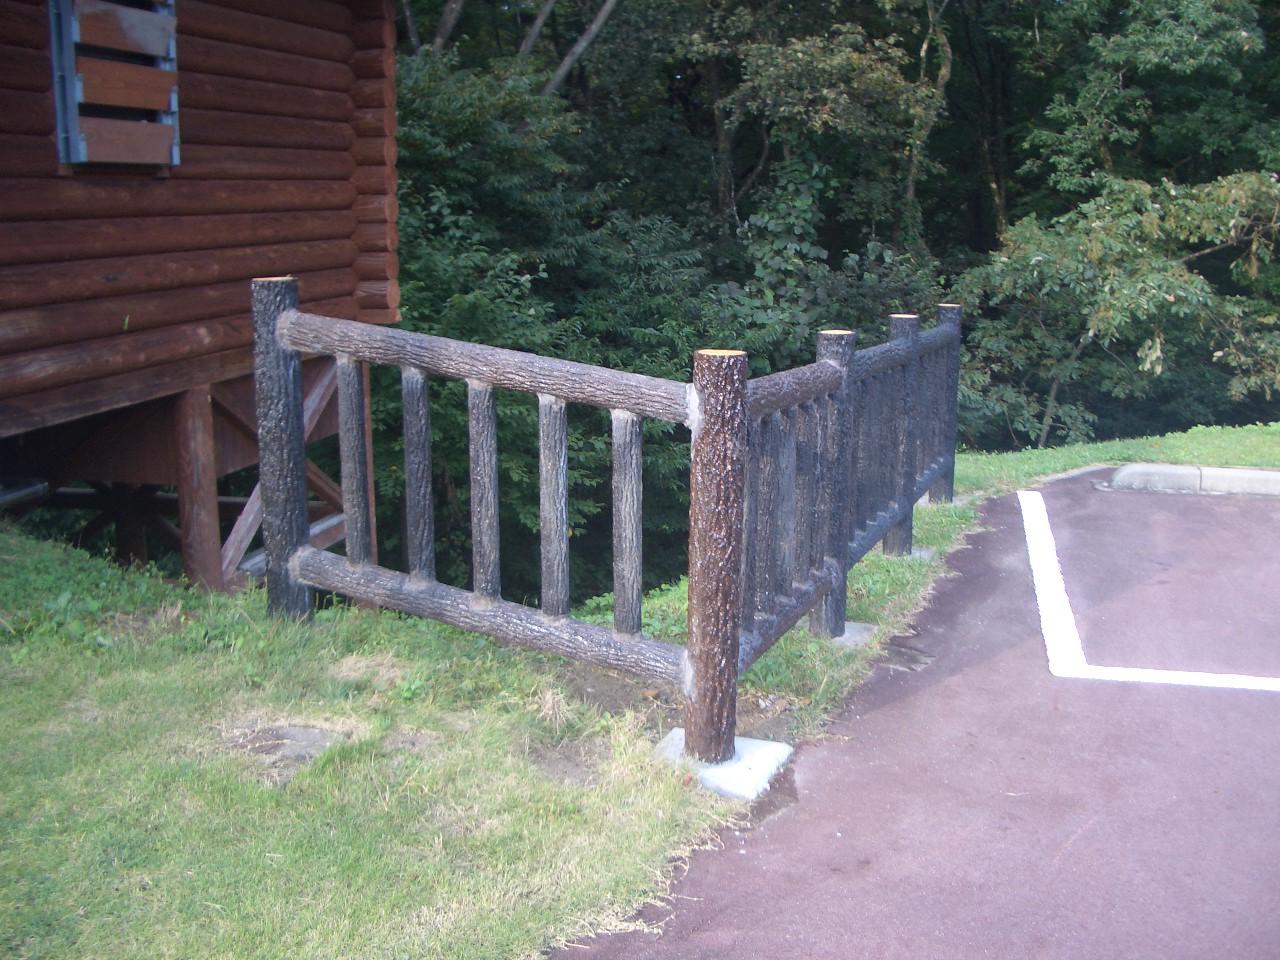 防護柵・防止柵(ガードレール・フェンス) 施工事例11